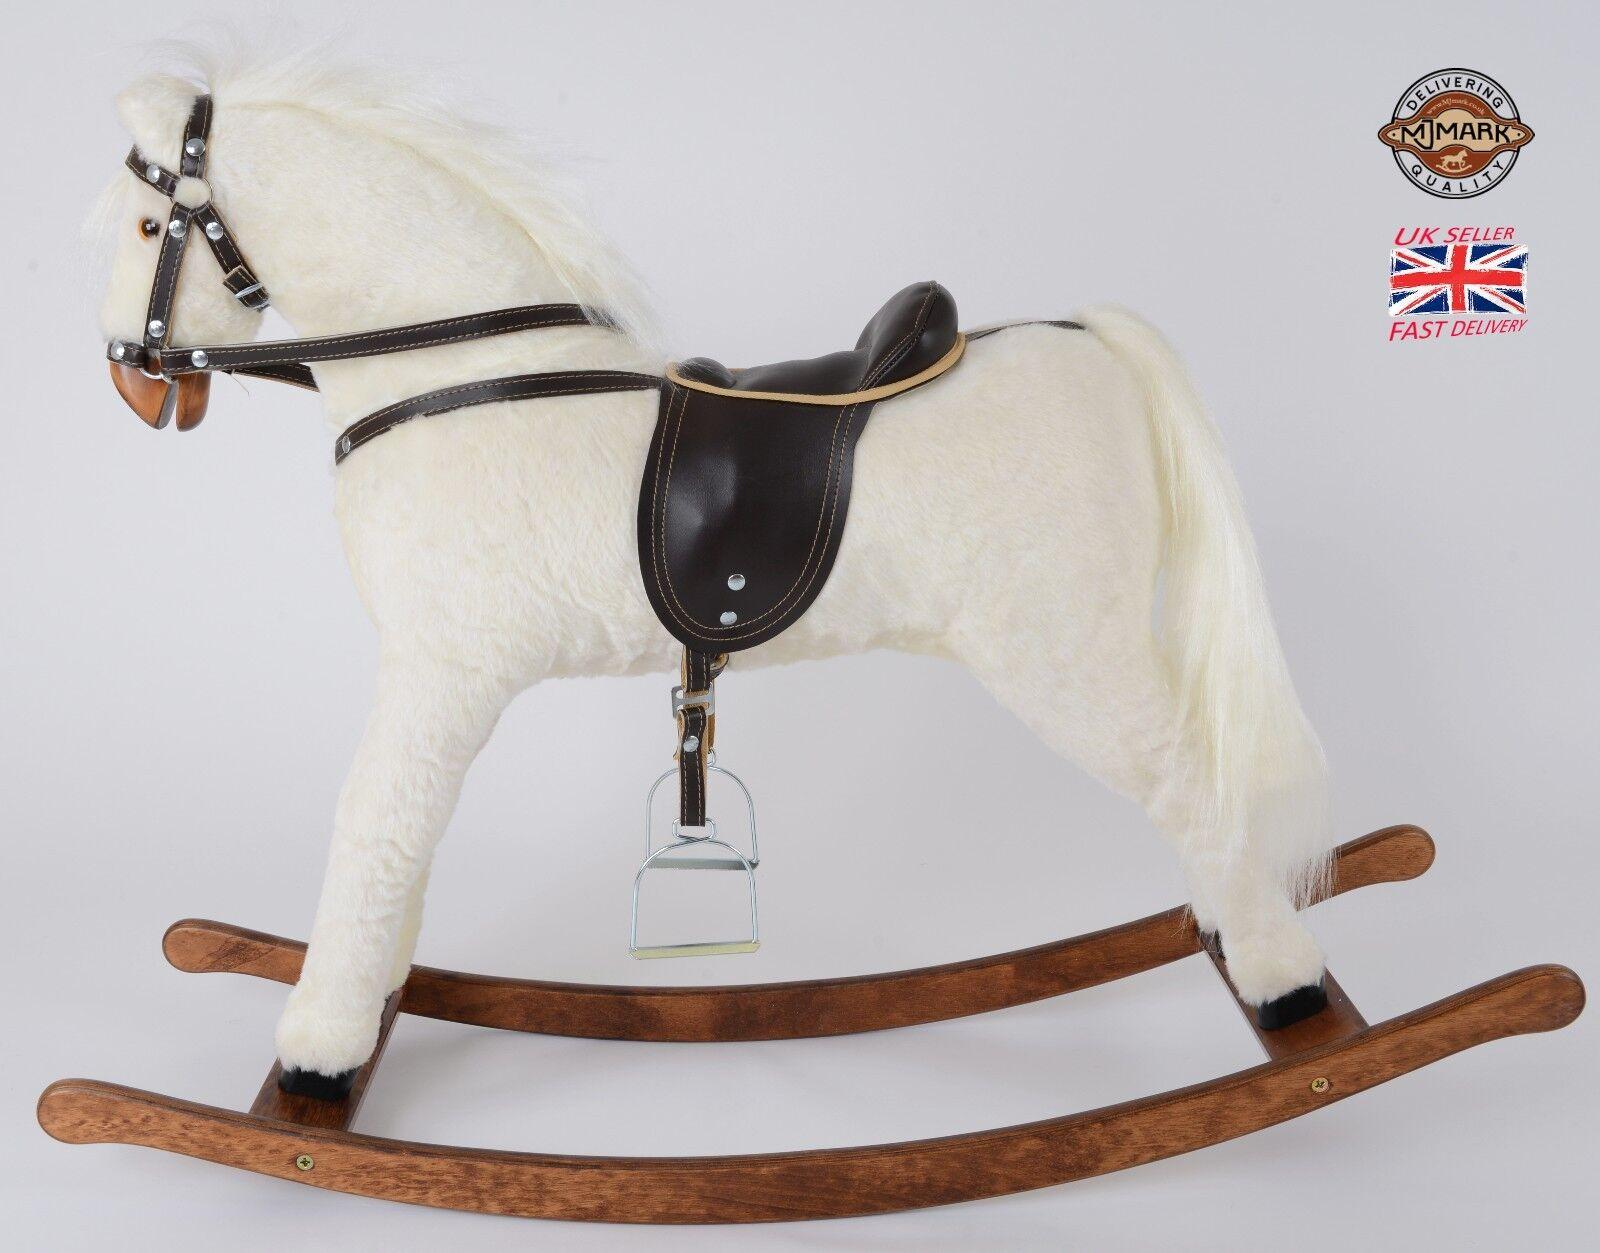 Hermosa hecha a mano nuevo Mecedora Caballo  Titan V  de mjmark Hecho En Europa